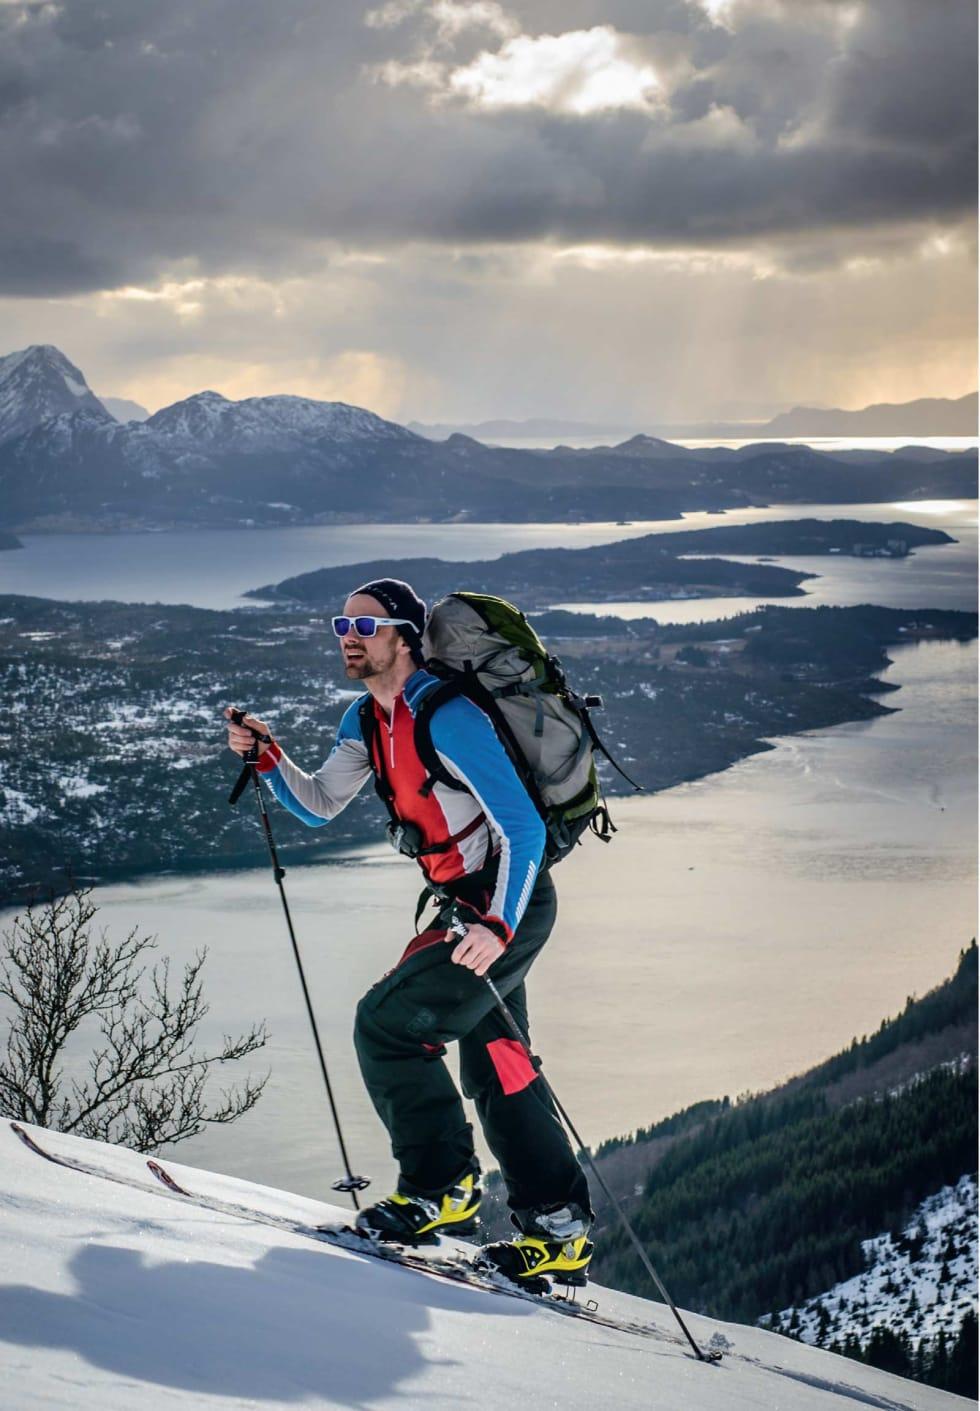 På vei opp mot Ronsfjellet. Foto: Ole Martin Krokstrand. / Trygge toppturer.